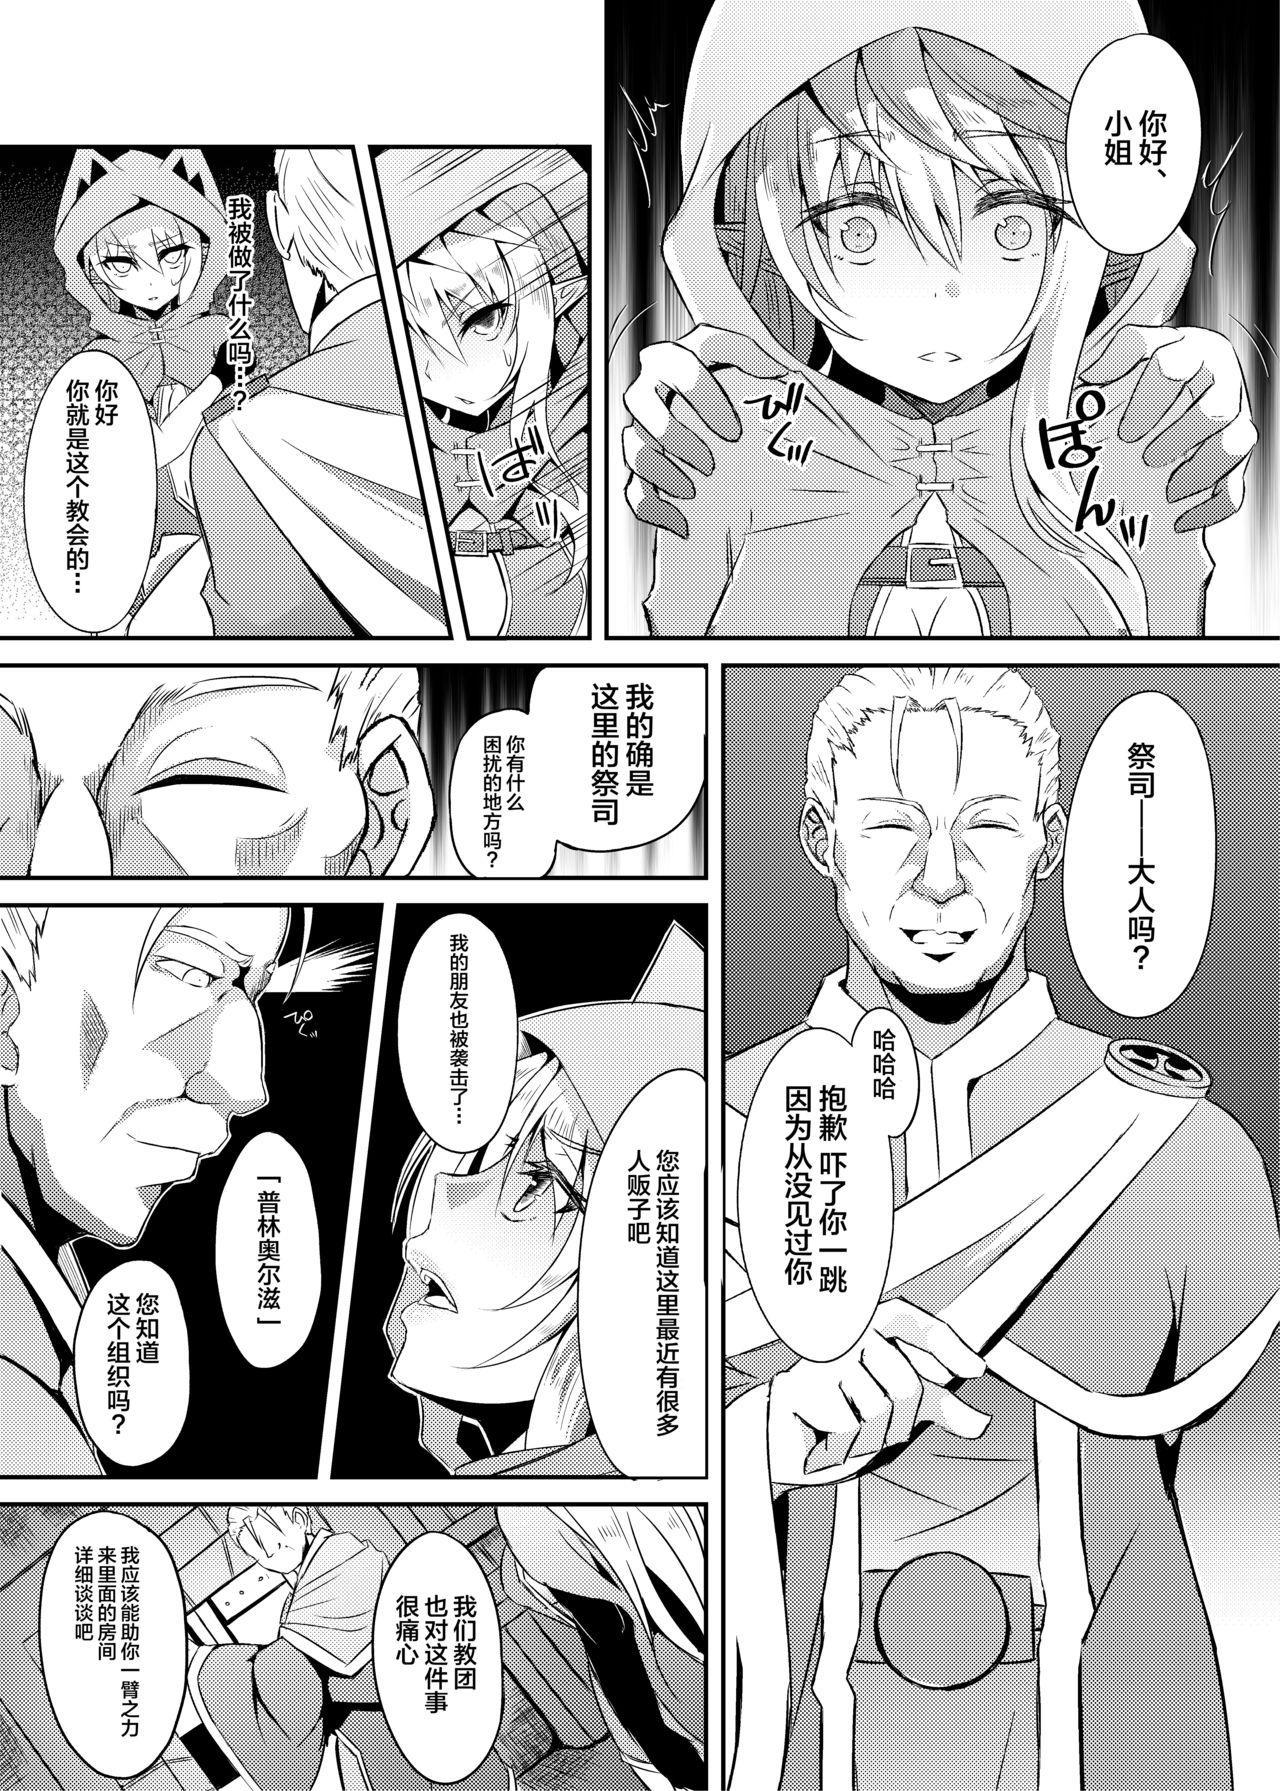 Toubou ELF3 5